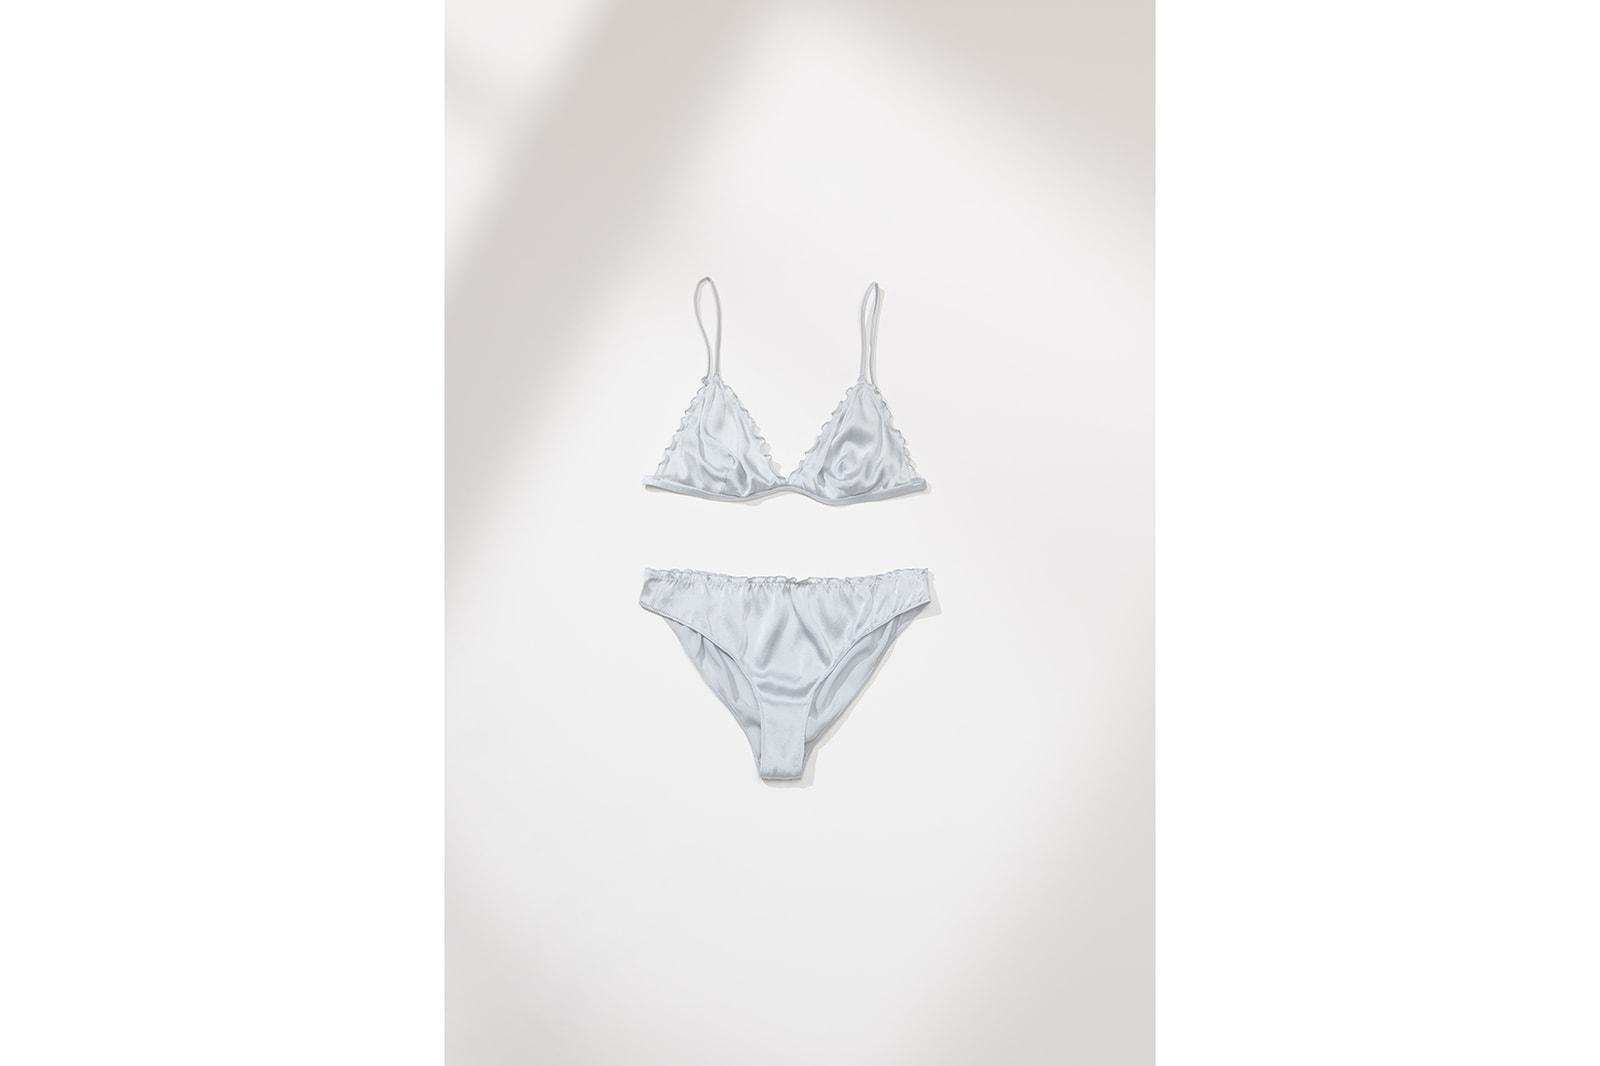 Zara Lingerie Collection Campaign Bra White